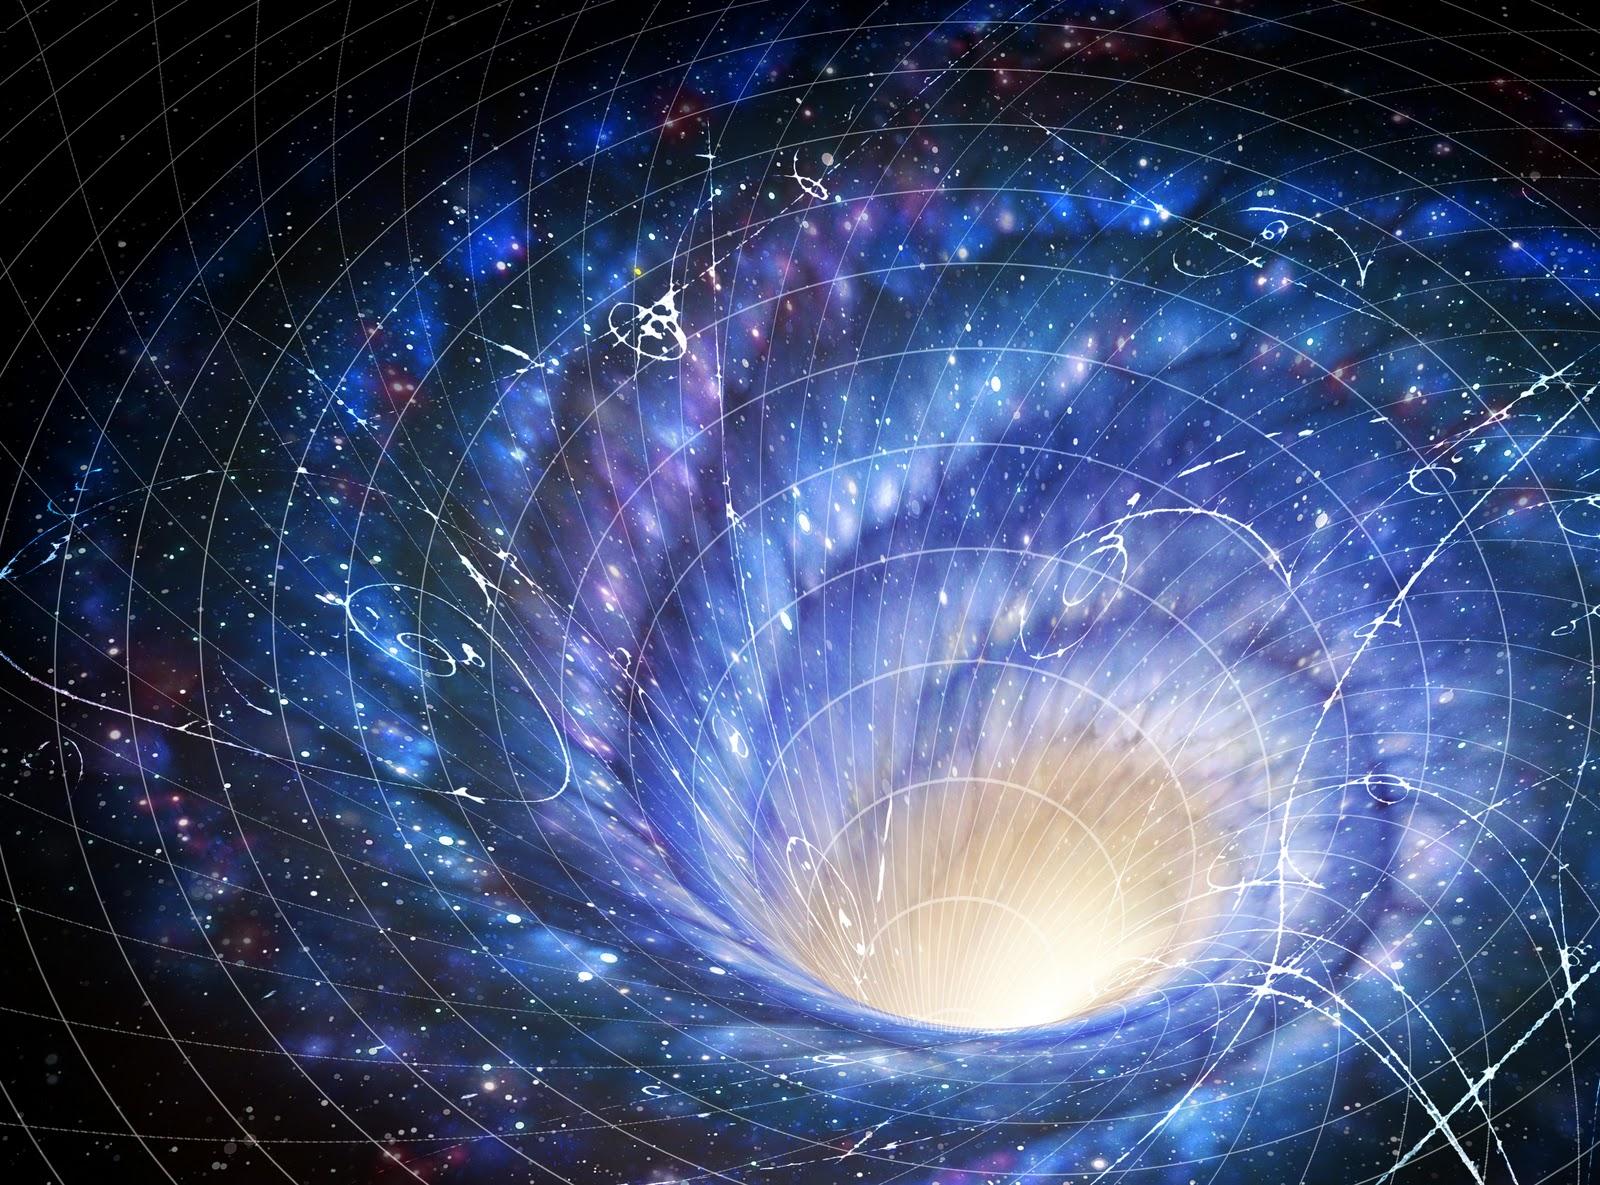 Картинки вселенной - 24